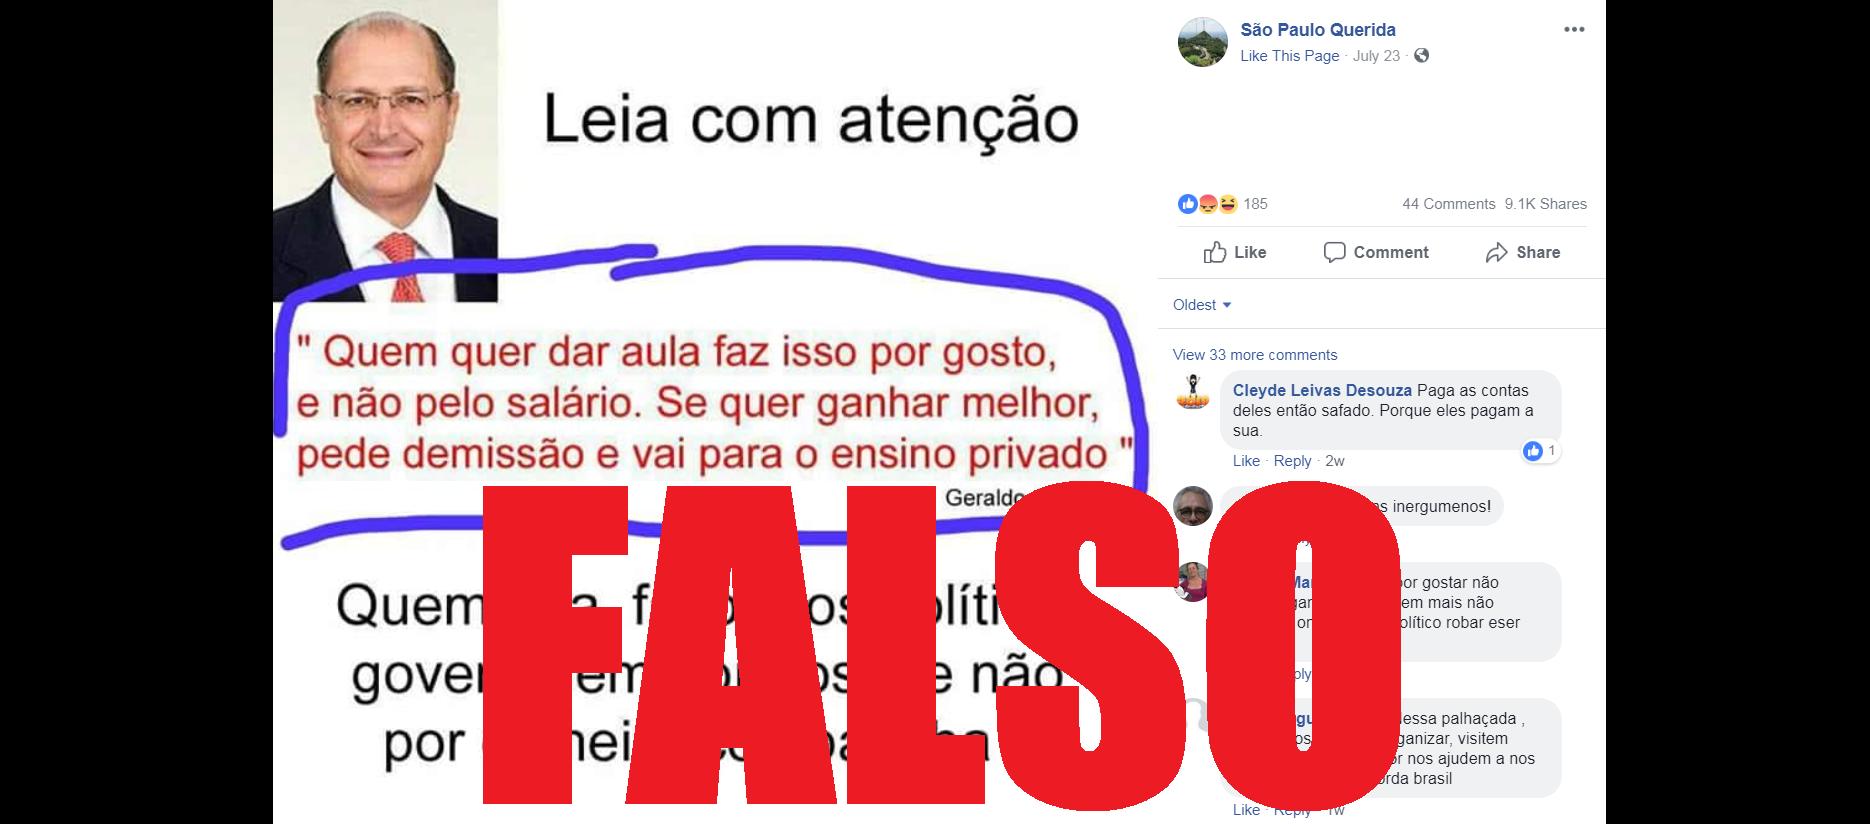 Captura de tela de uma publicação no Facebook disseminando a falsa alegação, 10 de agosto de 2018